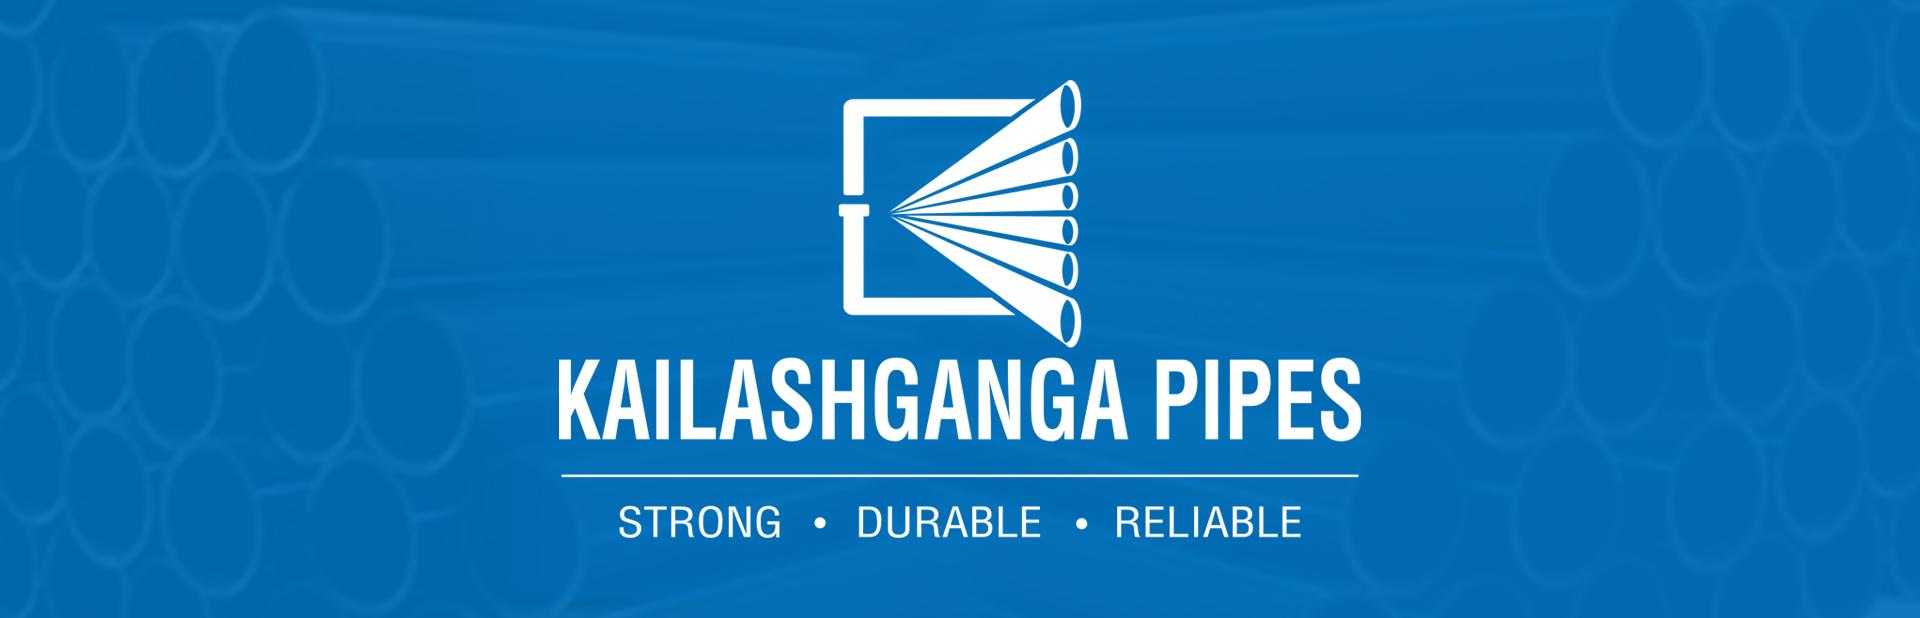 Welcome to Kailashaganga Pipes